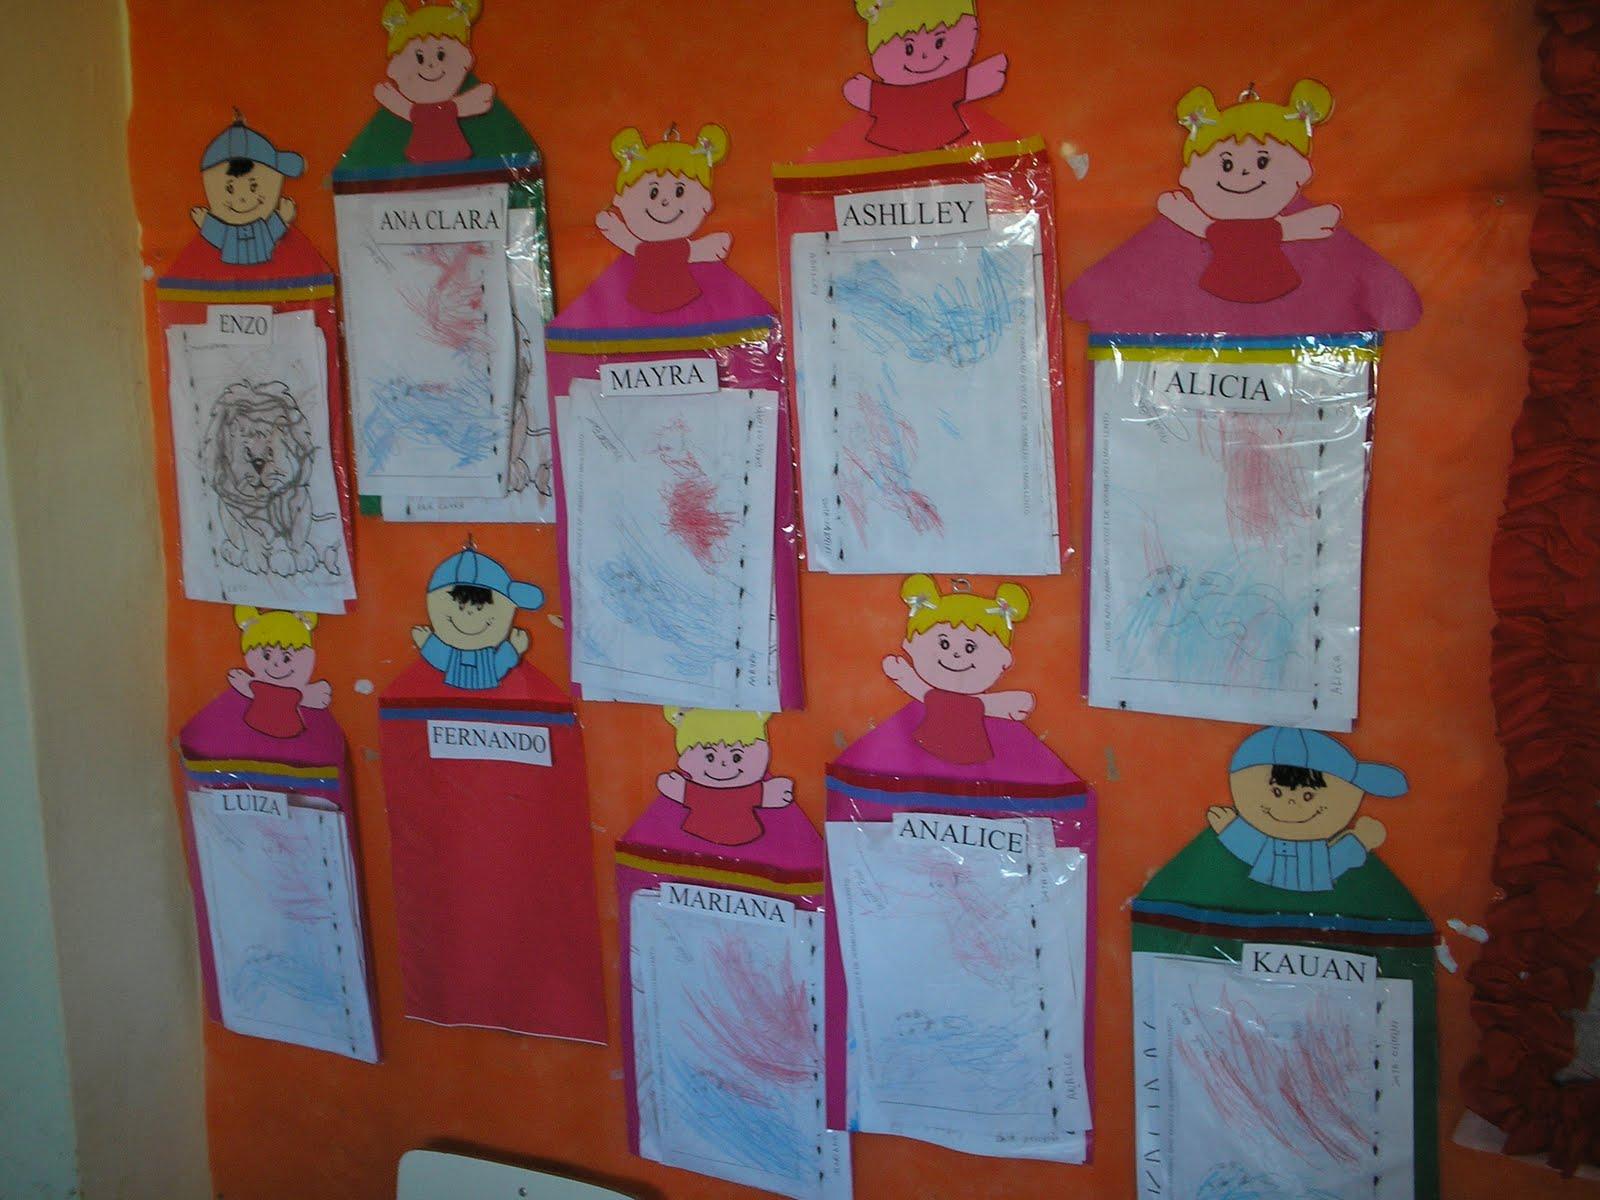 Centro municipal educa o infantil milena bonfim for Mural de fotos 1 ano